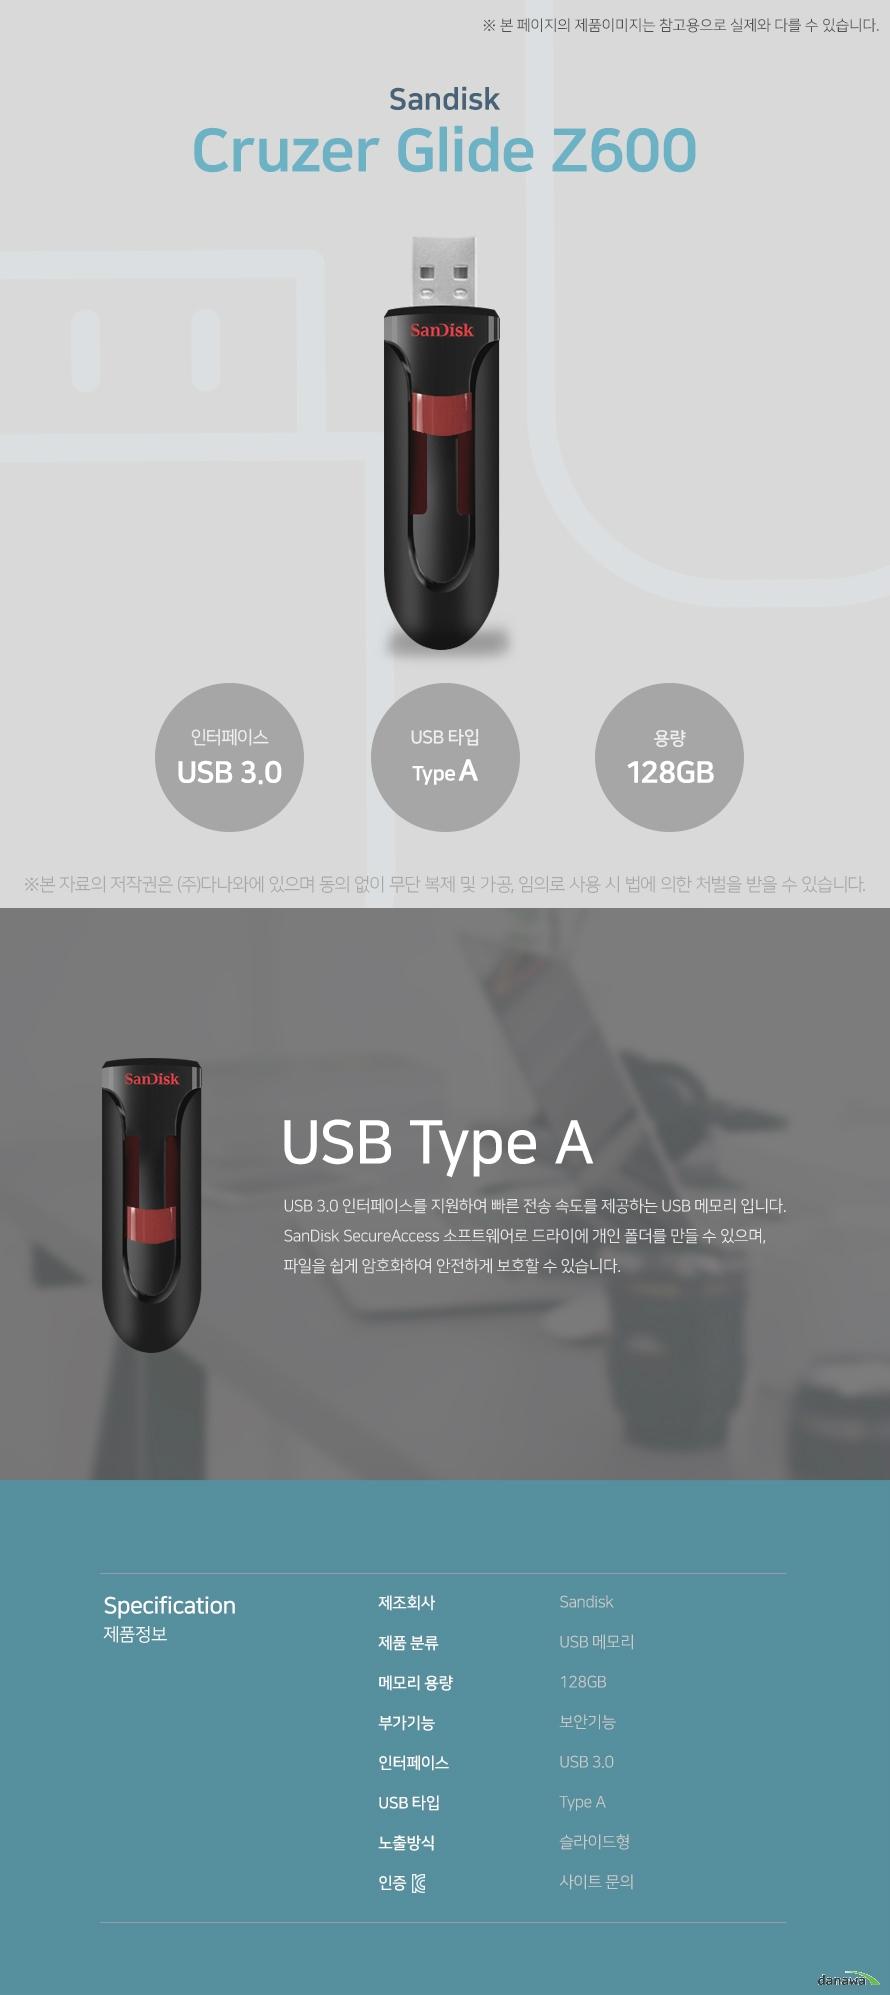 샌디스크 크루저 글라이드 Z600 USB Type A USB 3.0 인터페이스를 지원하여 빠른 전송 속도를 제공하는 USB 메모리입니다. SanDisk SecureAccess 소프트웨어로 드라이브에 개인 폴더를 만들 수 있으며, 파일을   쉽게 암호화하여 안전하게 보호할 수 있습니다. 스펙 제조회사 샌디스크 제품 분류 USB 메모리 메모리 용량 128GB 부가기능 보안기능 인터페이스 USB 3.0 USB 타입 Type A 노출방식 슬라이드형 KC인증 사이트 문의